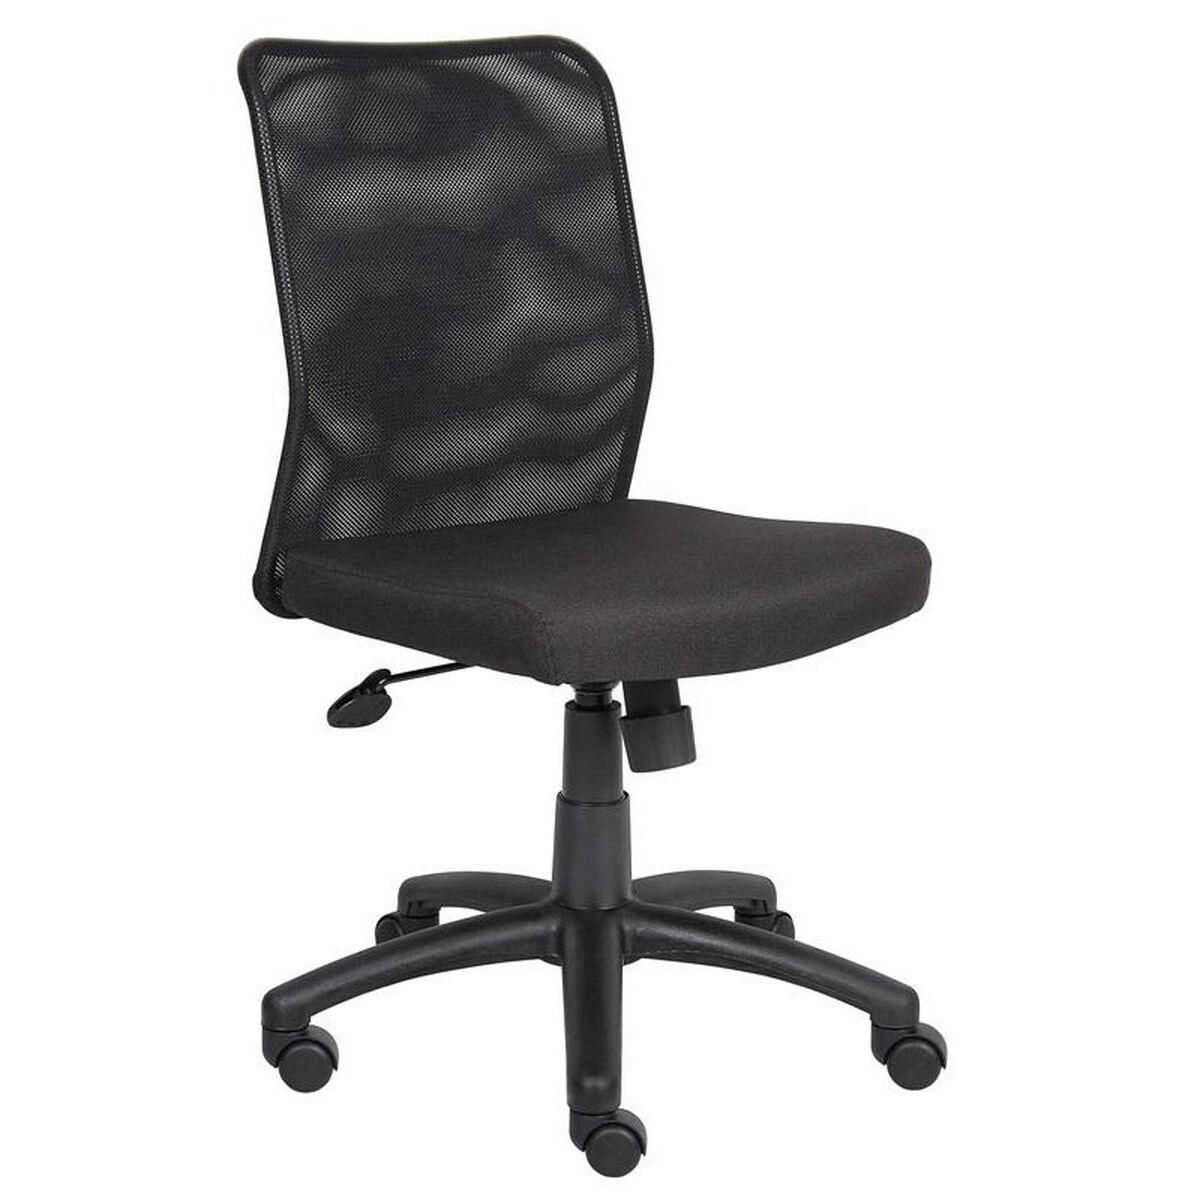 budget breathable mesh chair b6105 churchchairs4less com